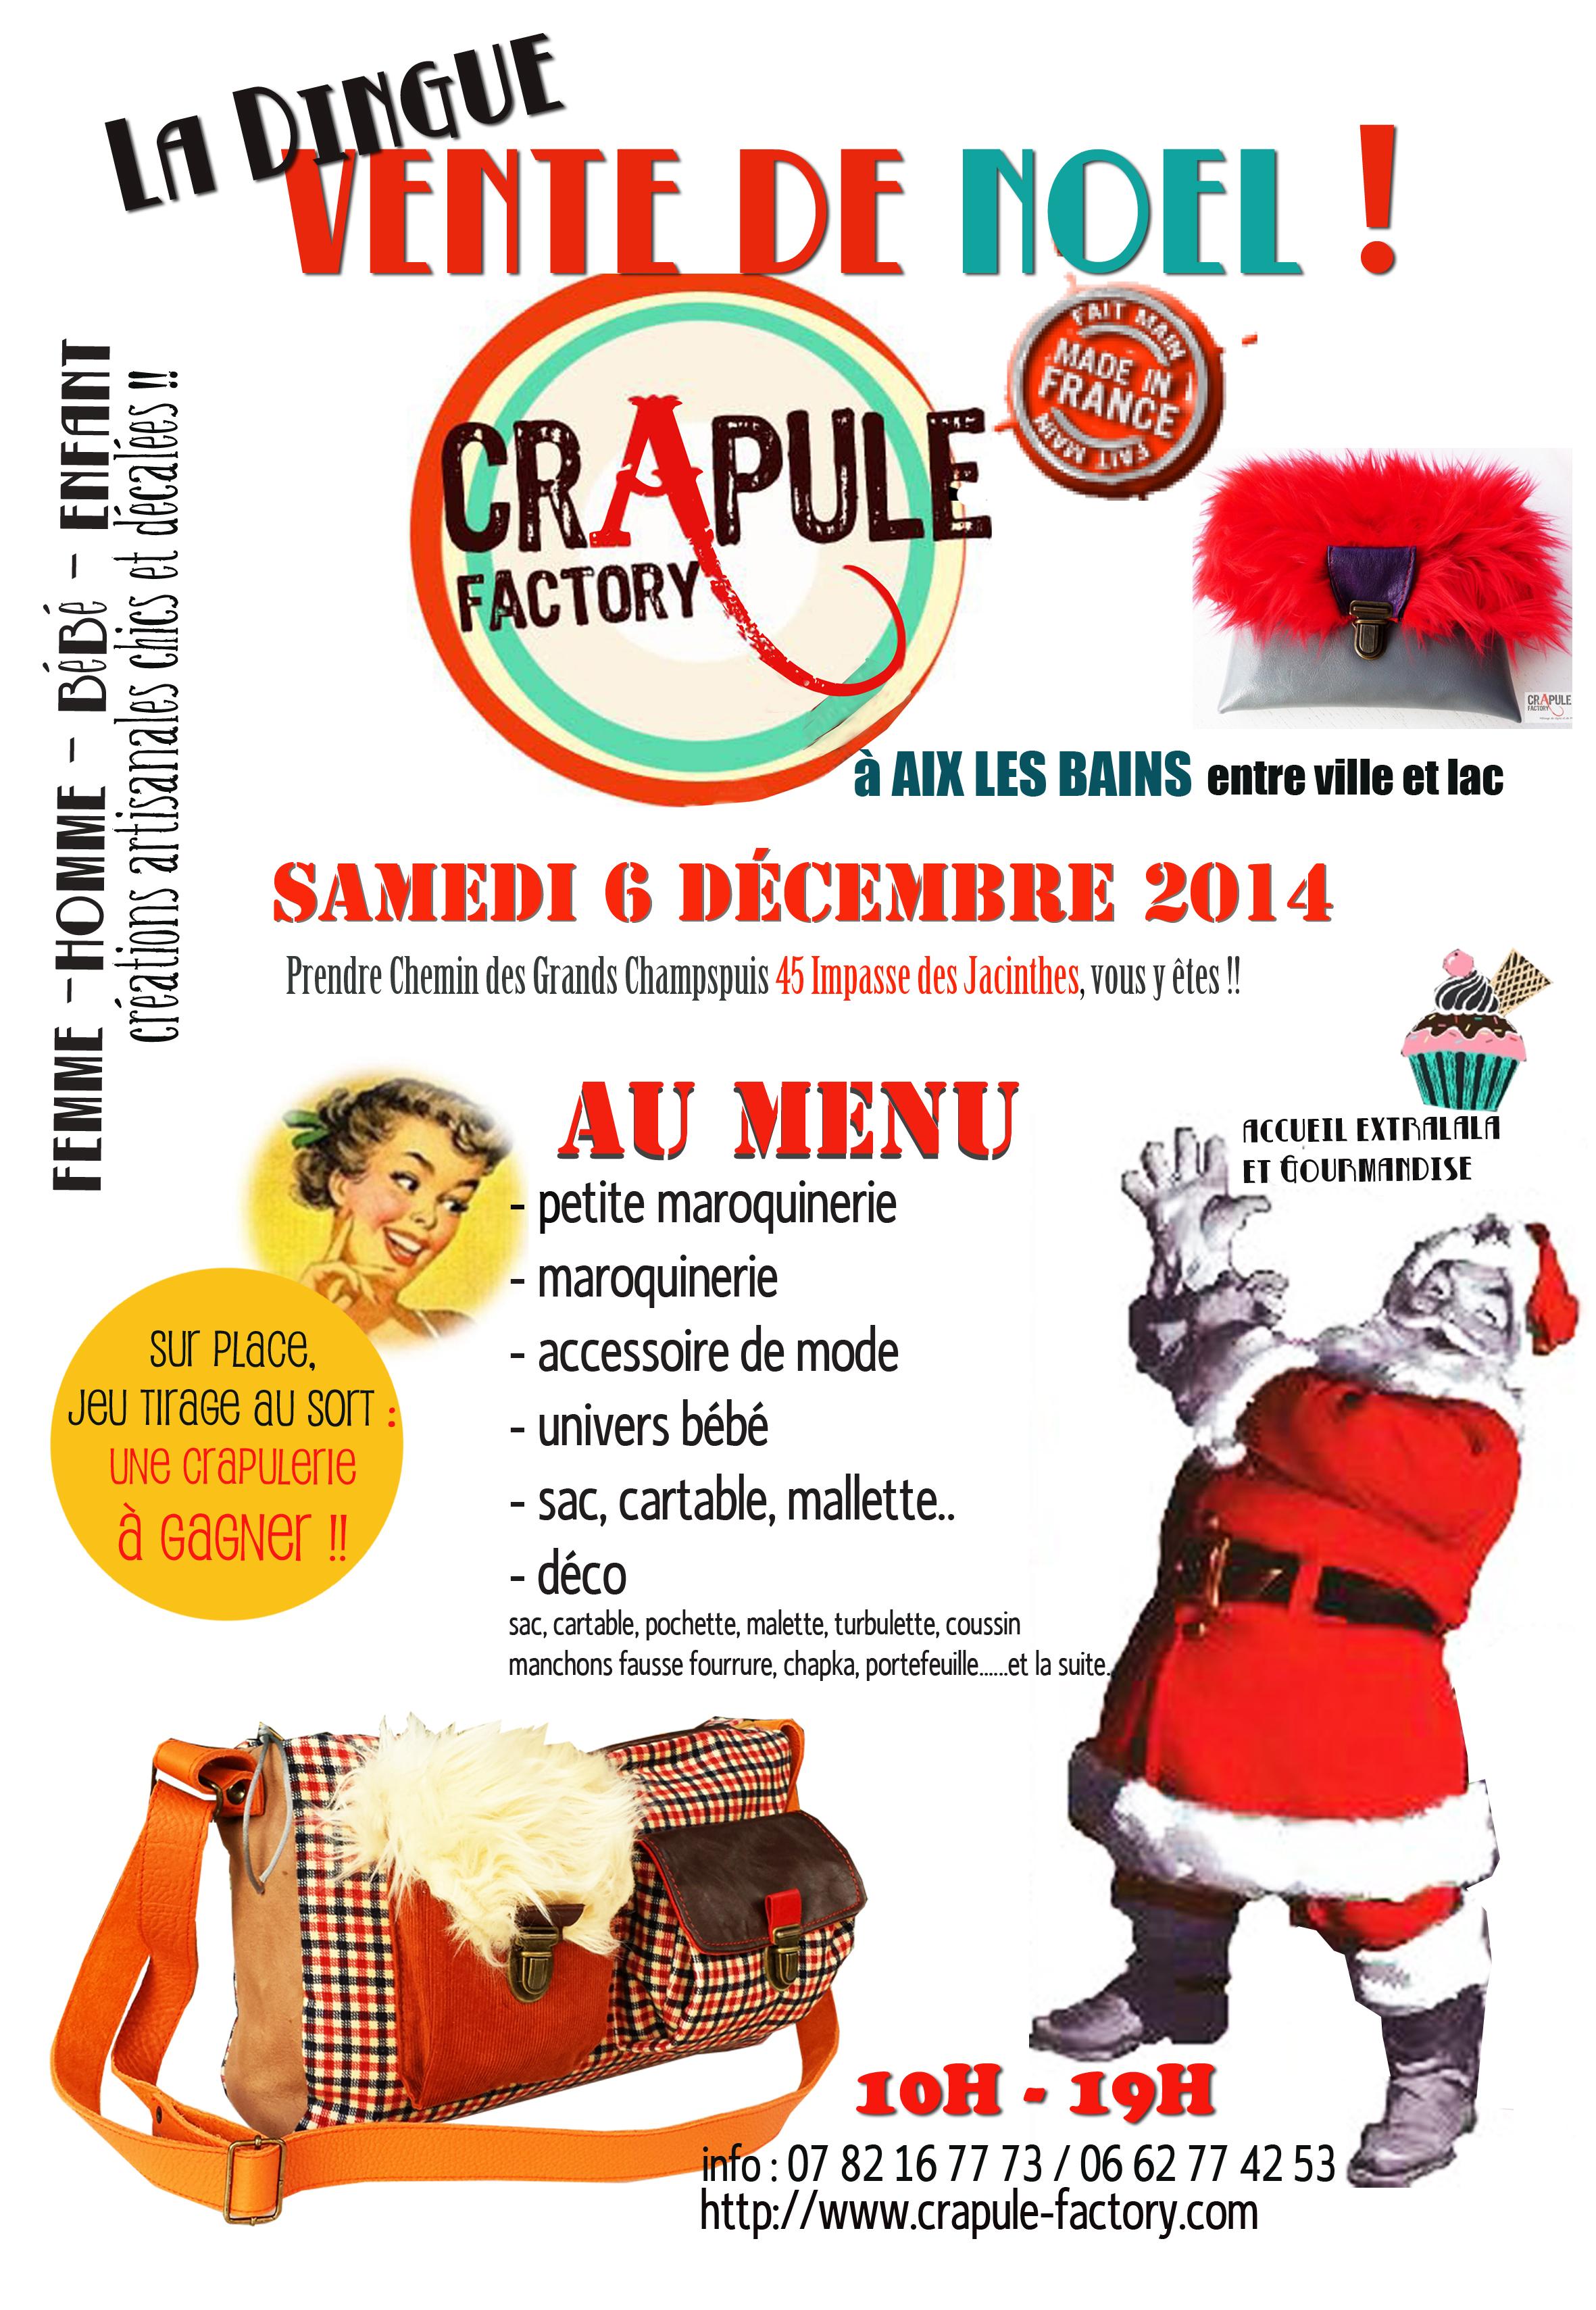 Vente de Noel CrApule FActOry aix les bains samedi 6 decembre 2014